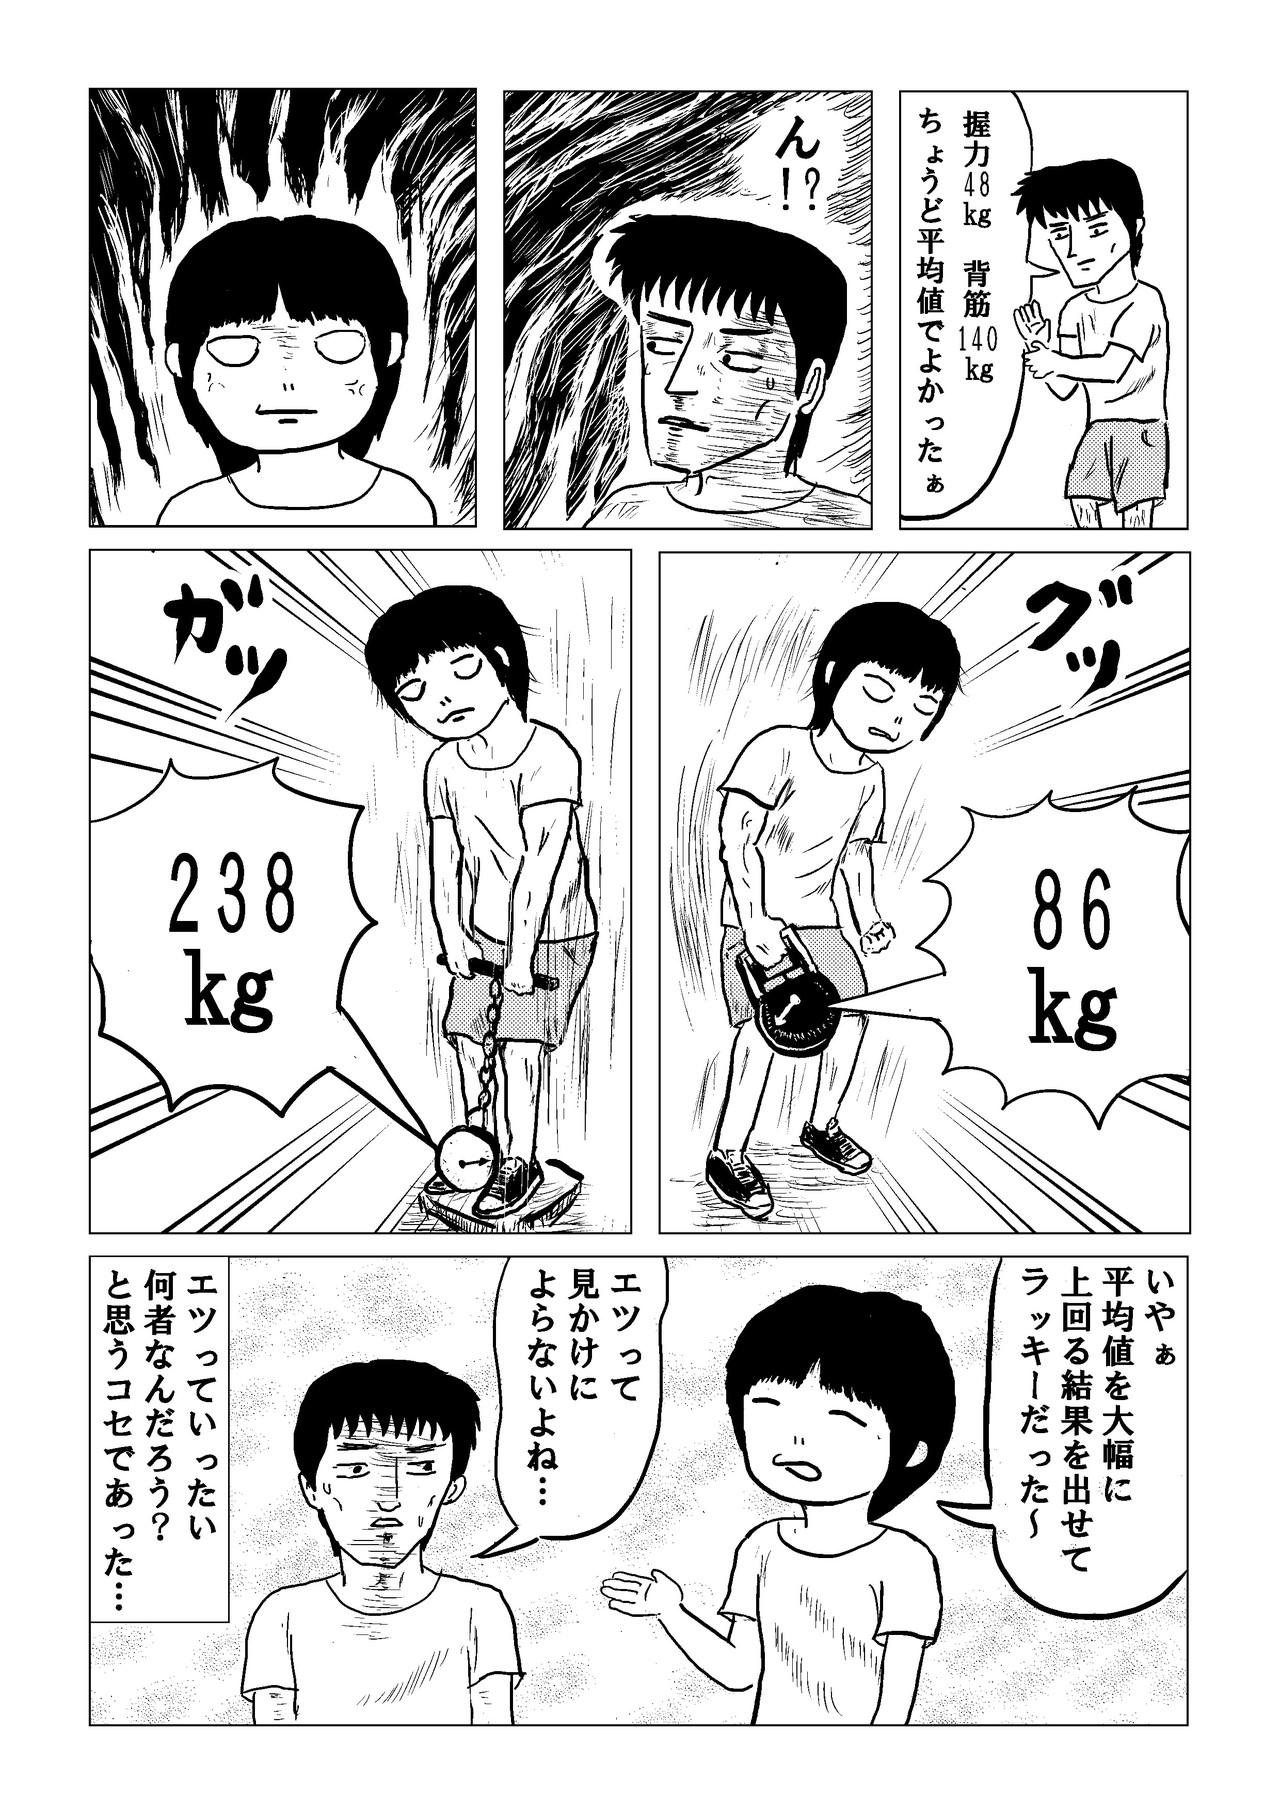 筋力測定_5mb